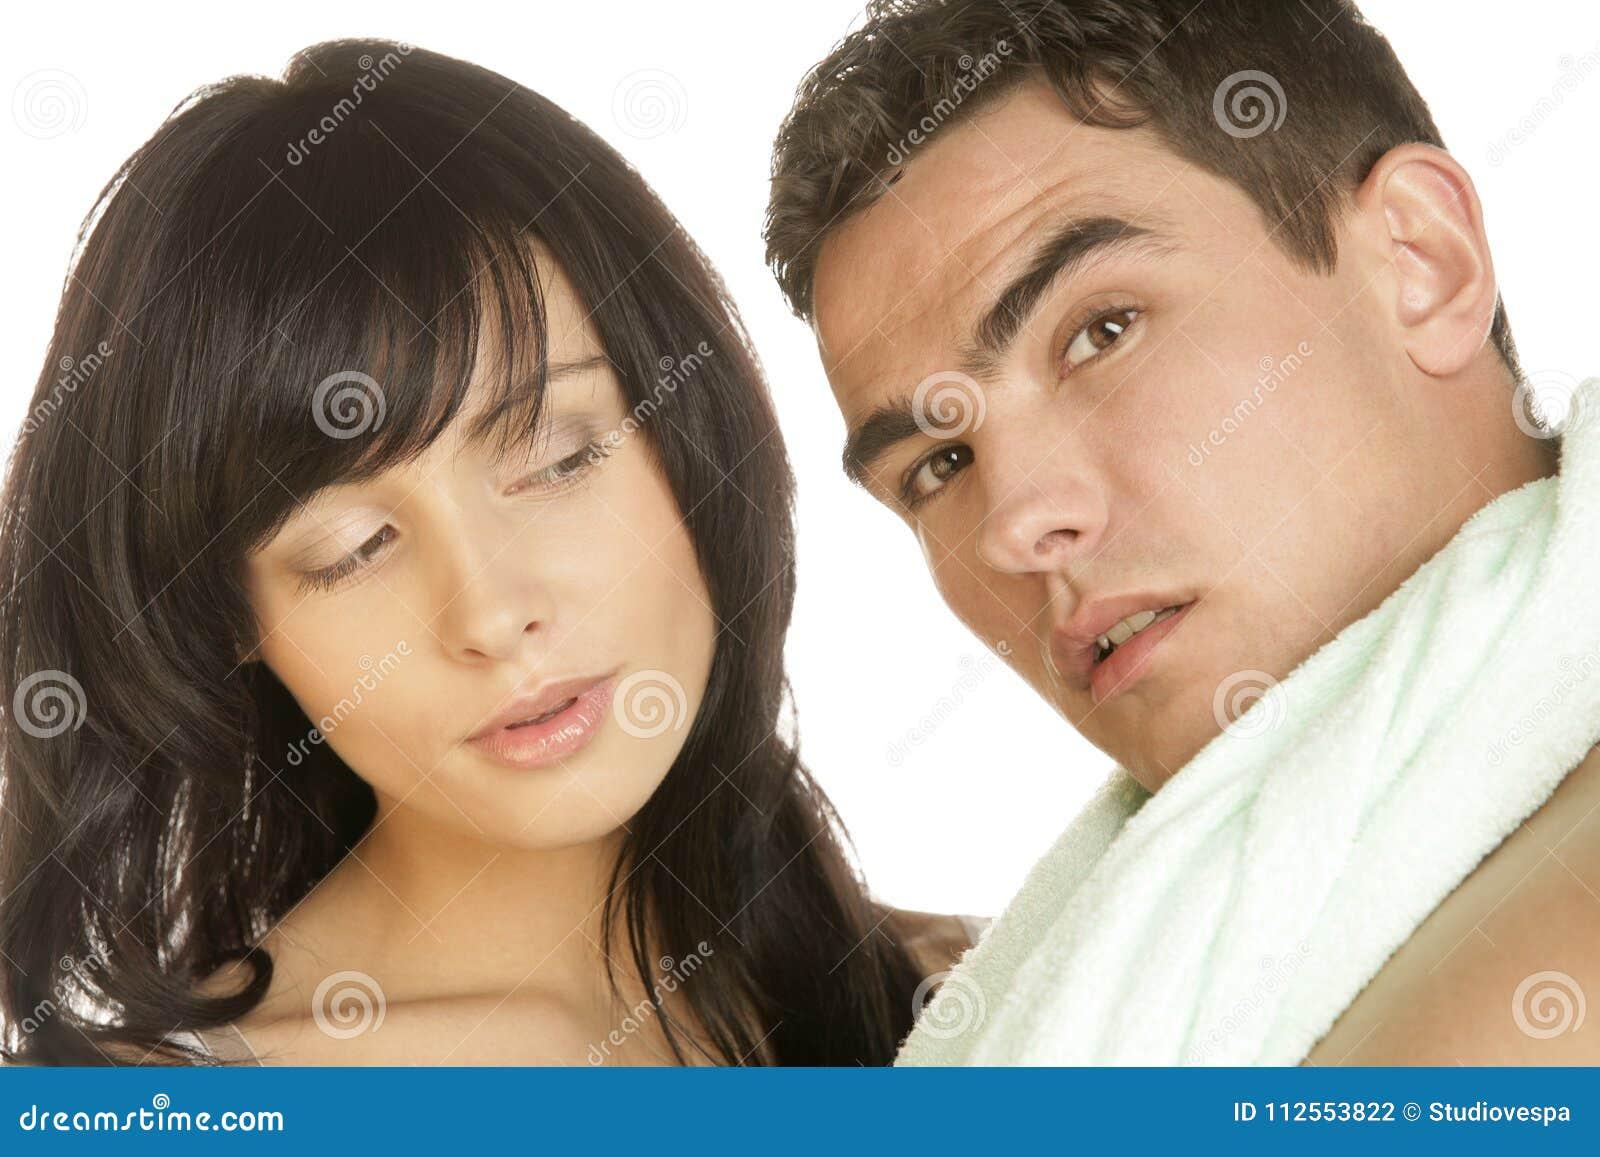 Гинеколог фото молодой пары в ванной трахают большим членом